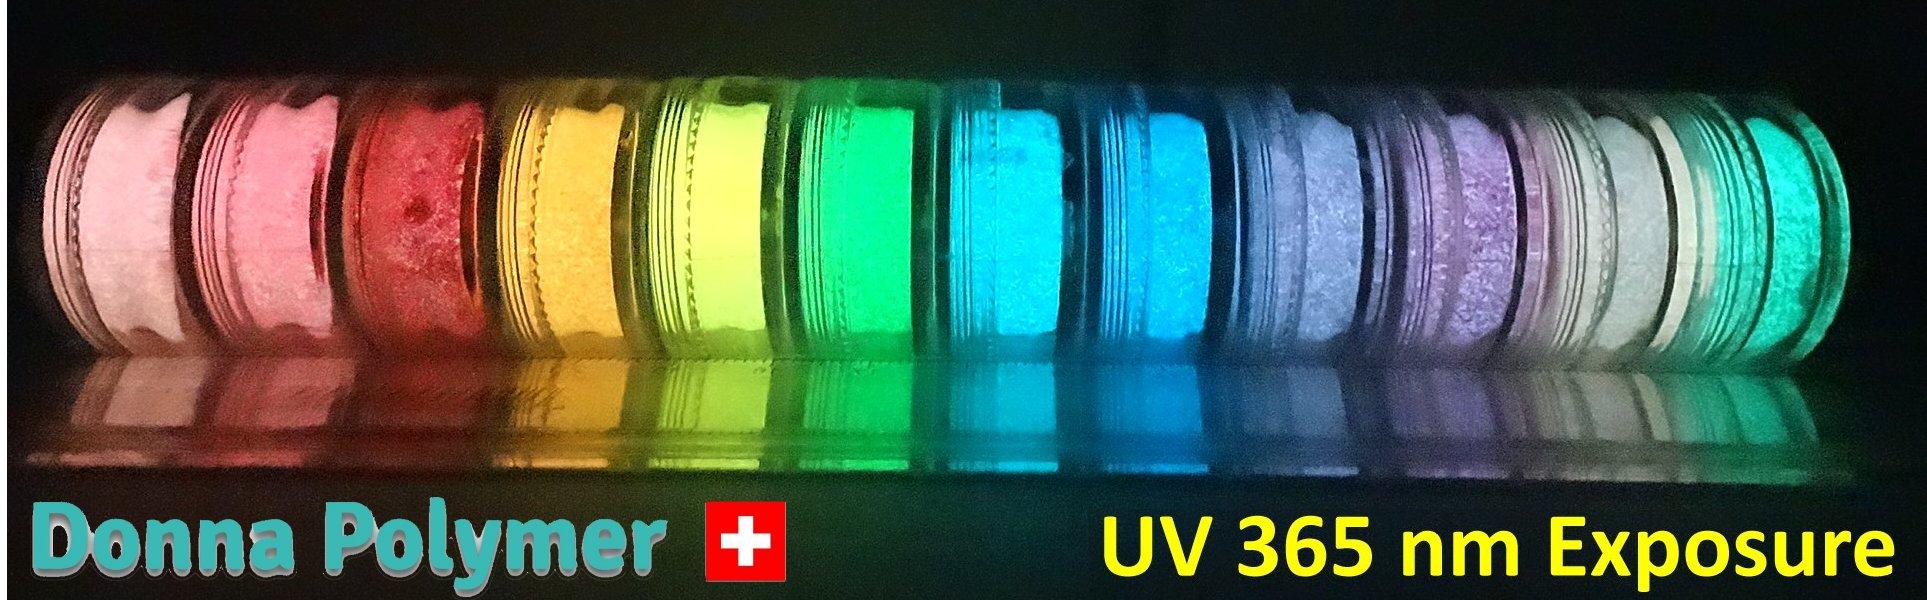 12 Lumi Powder Dsc02969 remarked UV Donna